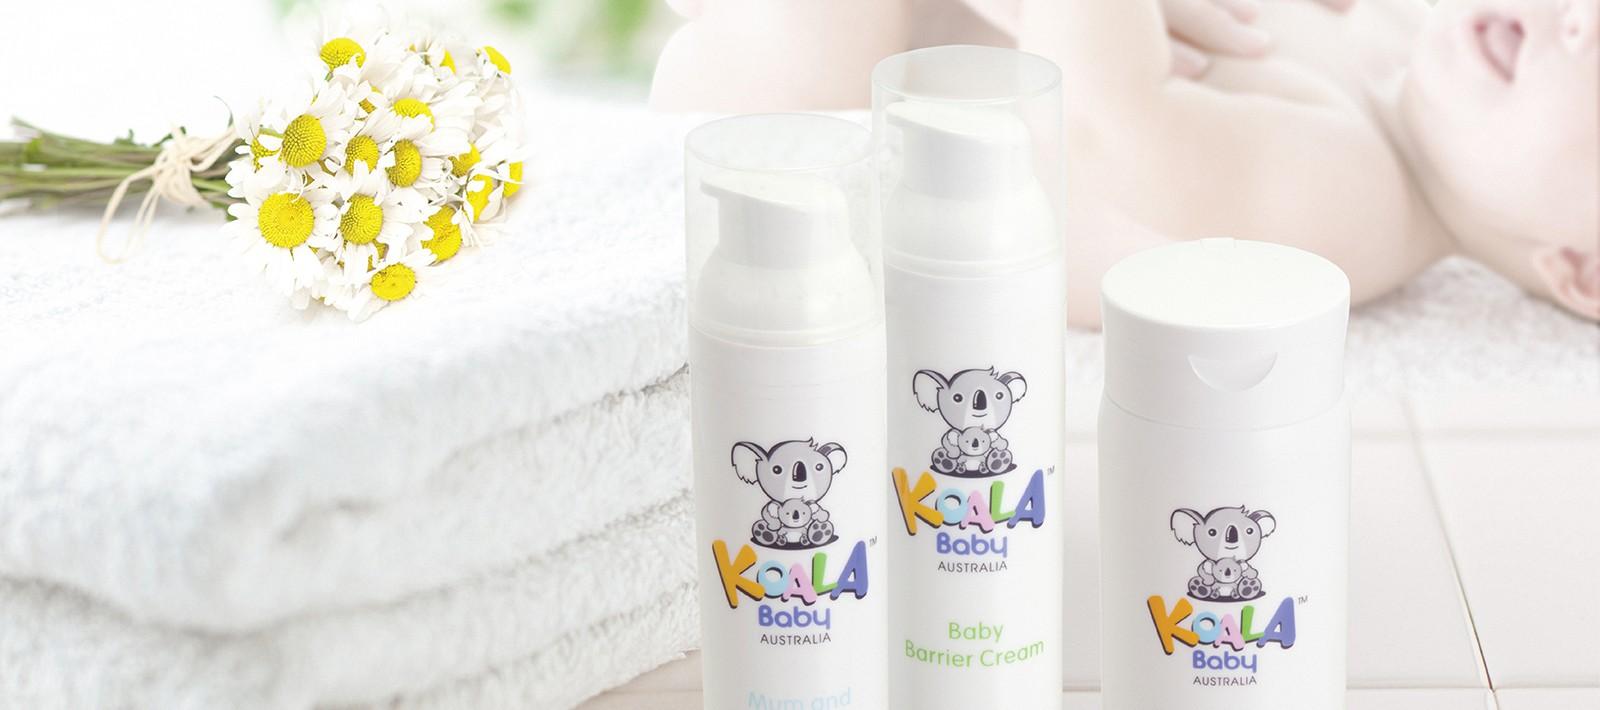 Skincare packaging design for Koala Baby